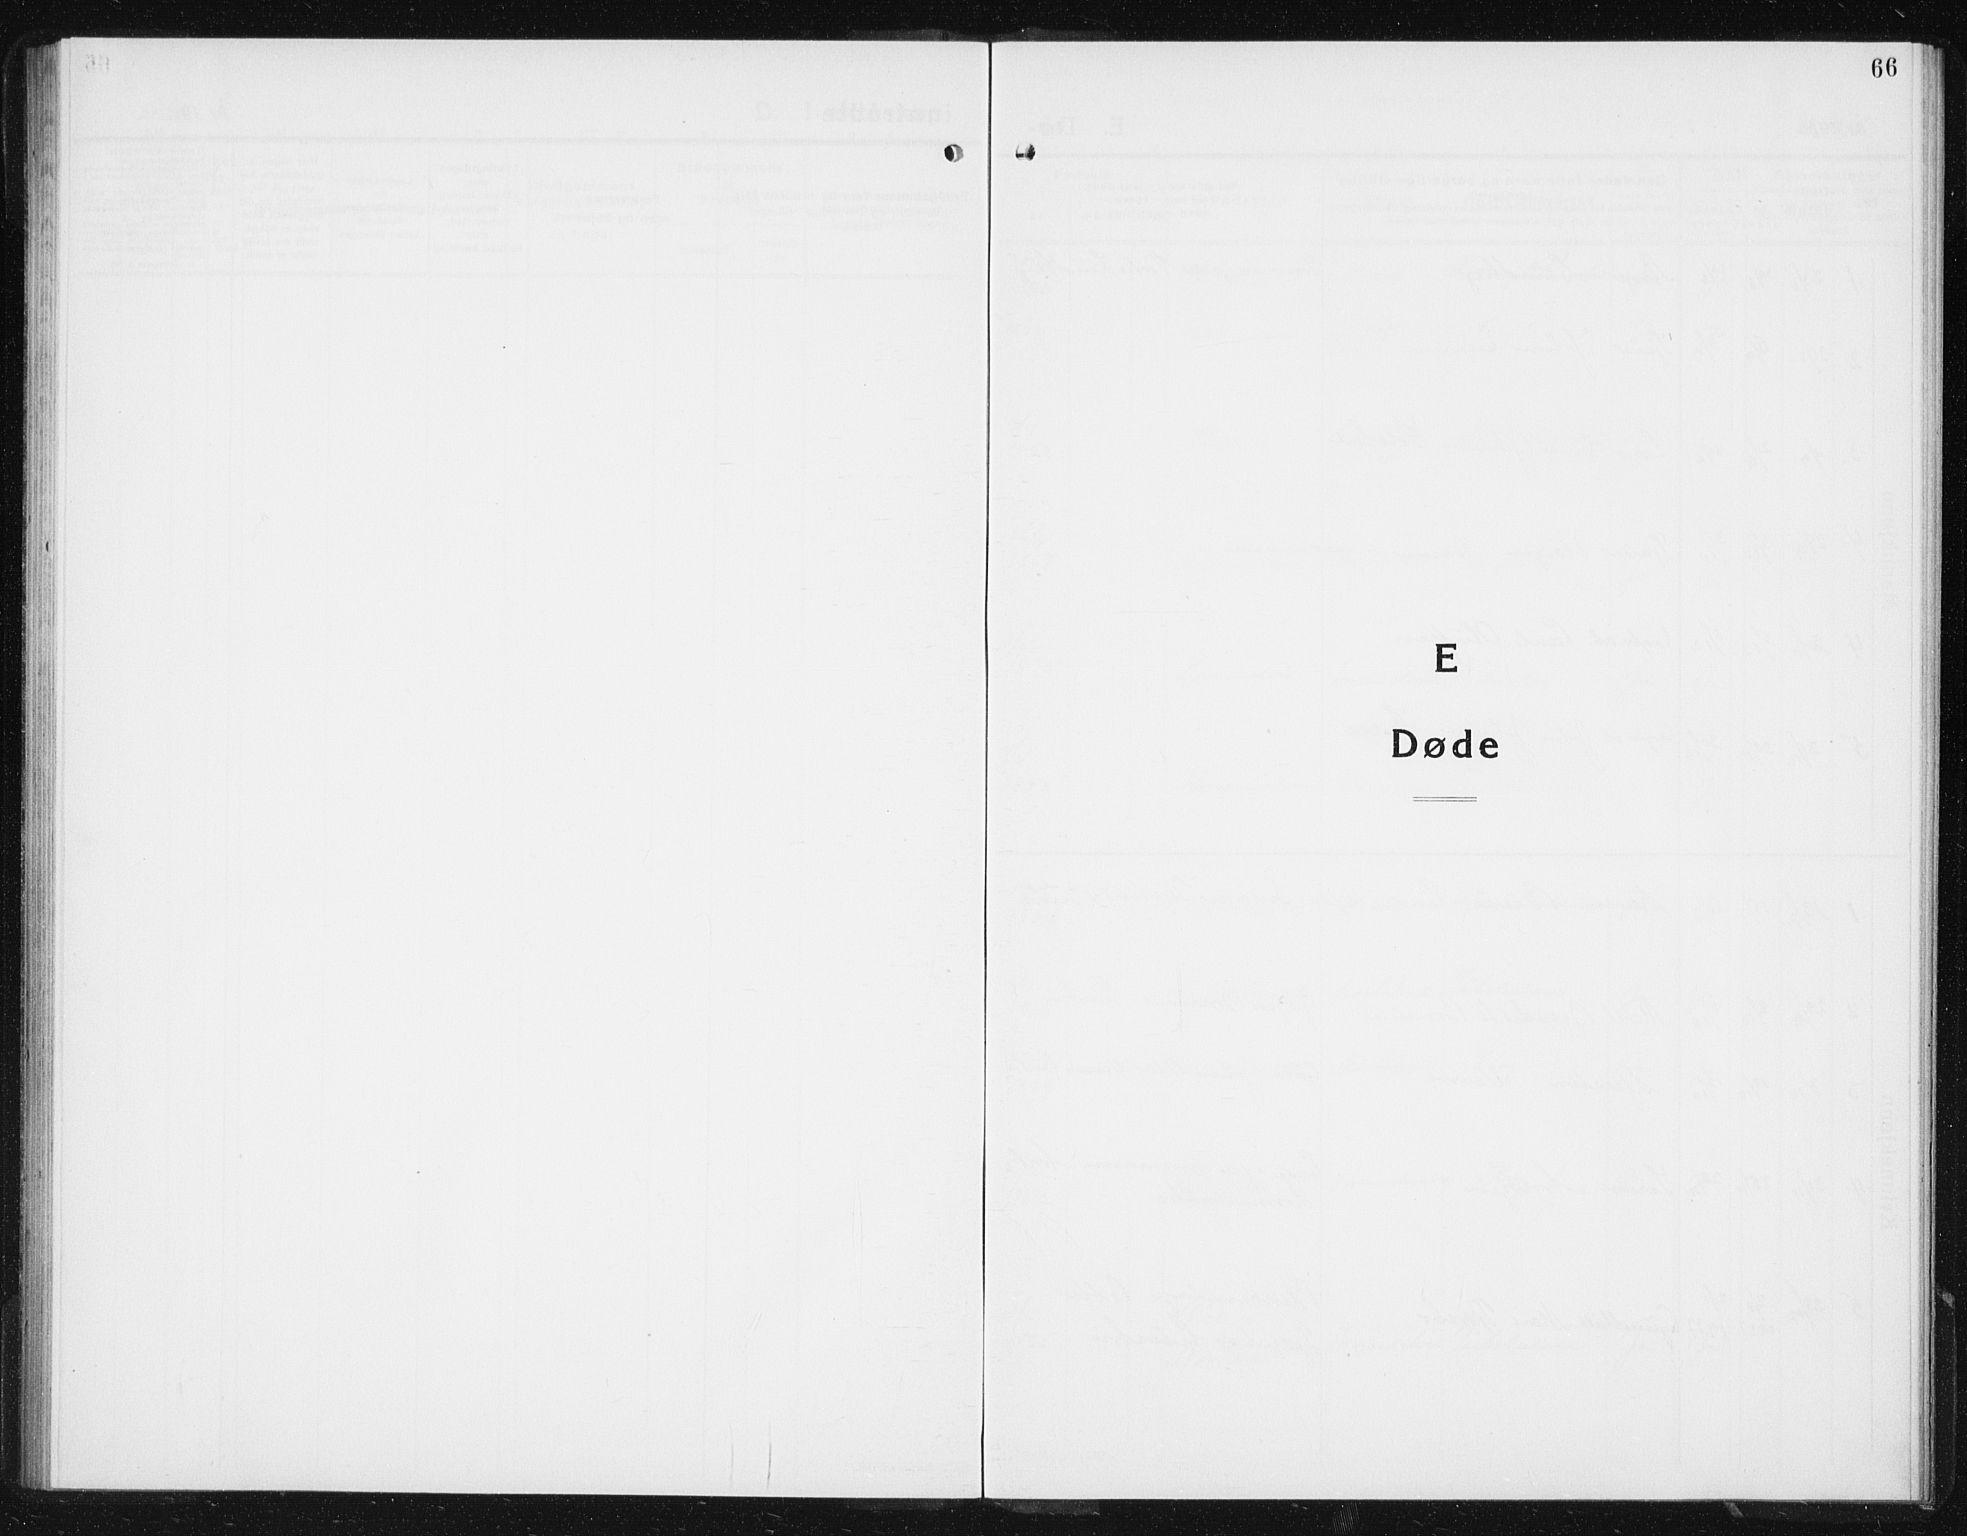 SAT, Ministerialprotokoller, klokkerbøker og fødselsregistre - Sør-Trøndelag, 617/L0432: Klokkerbok nr. 617C03, 1936-1942, s. 66